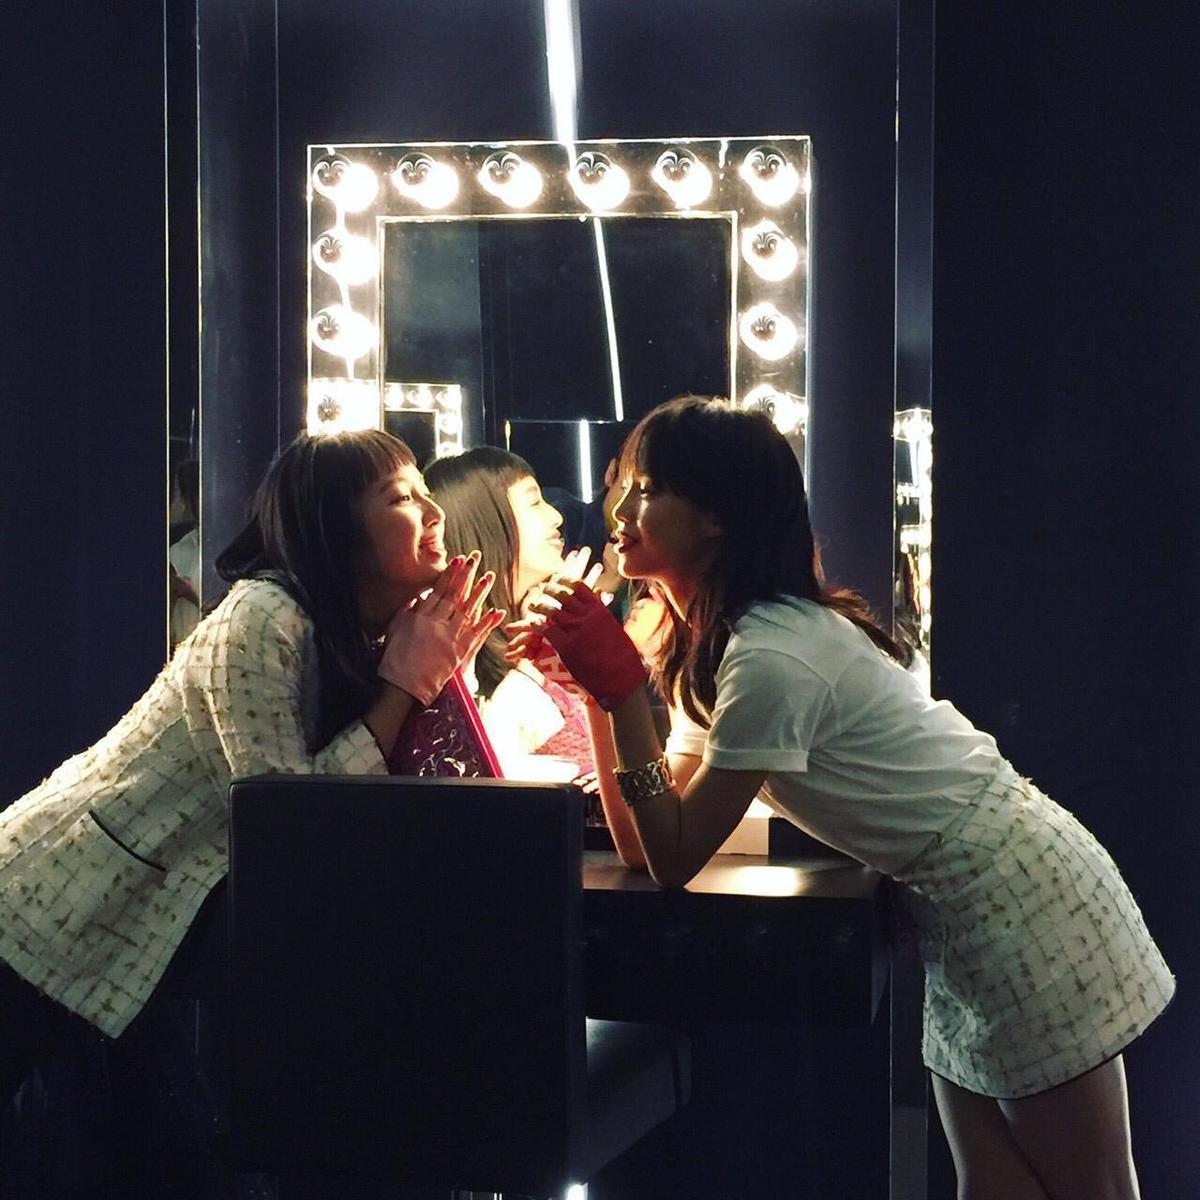 王渝屏和王渝萱姊妹花先走時尚、後演戲,外型實力皆具,備受期待。(經紀人提供)